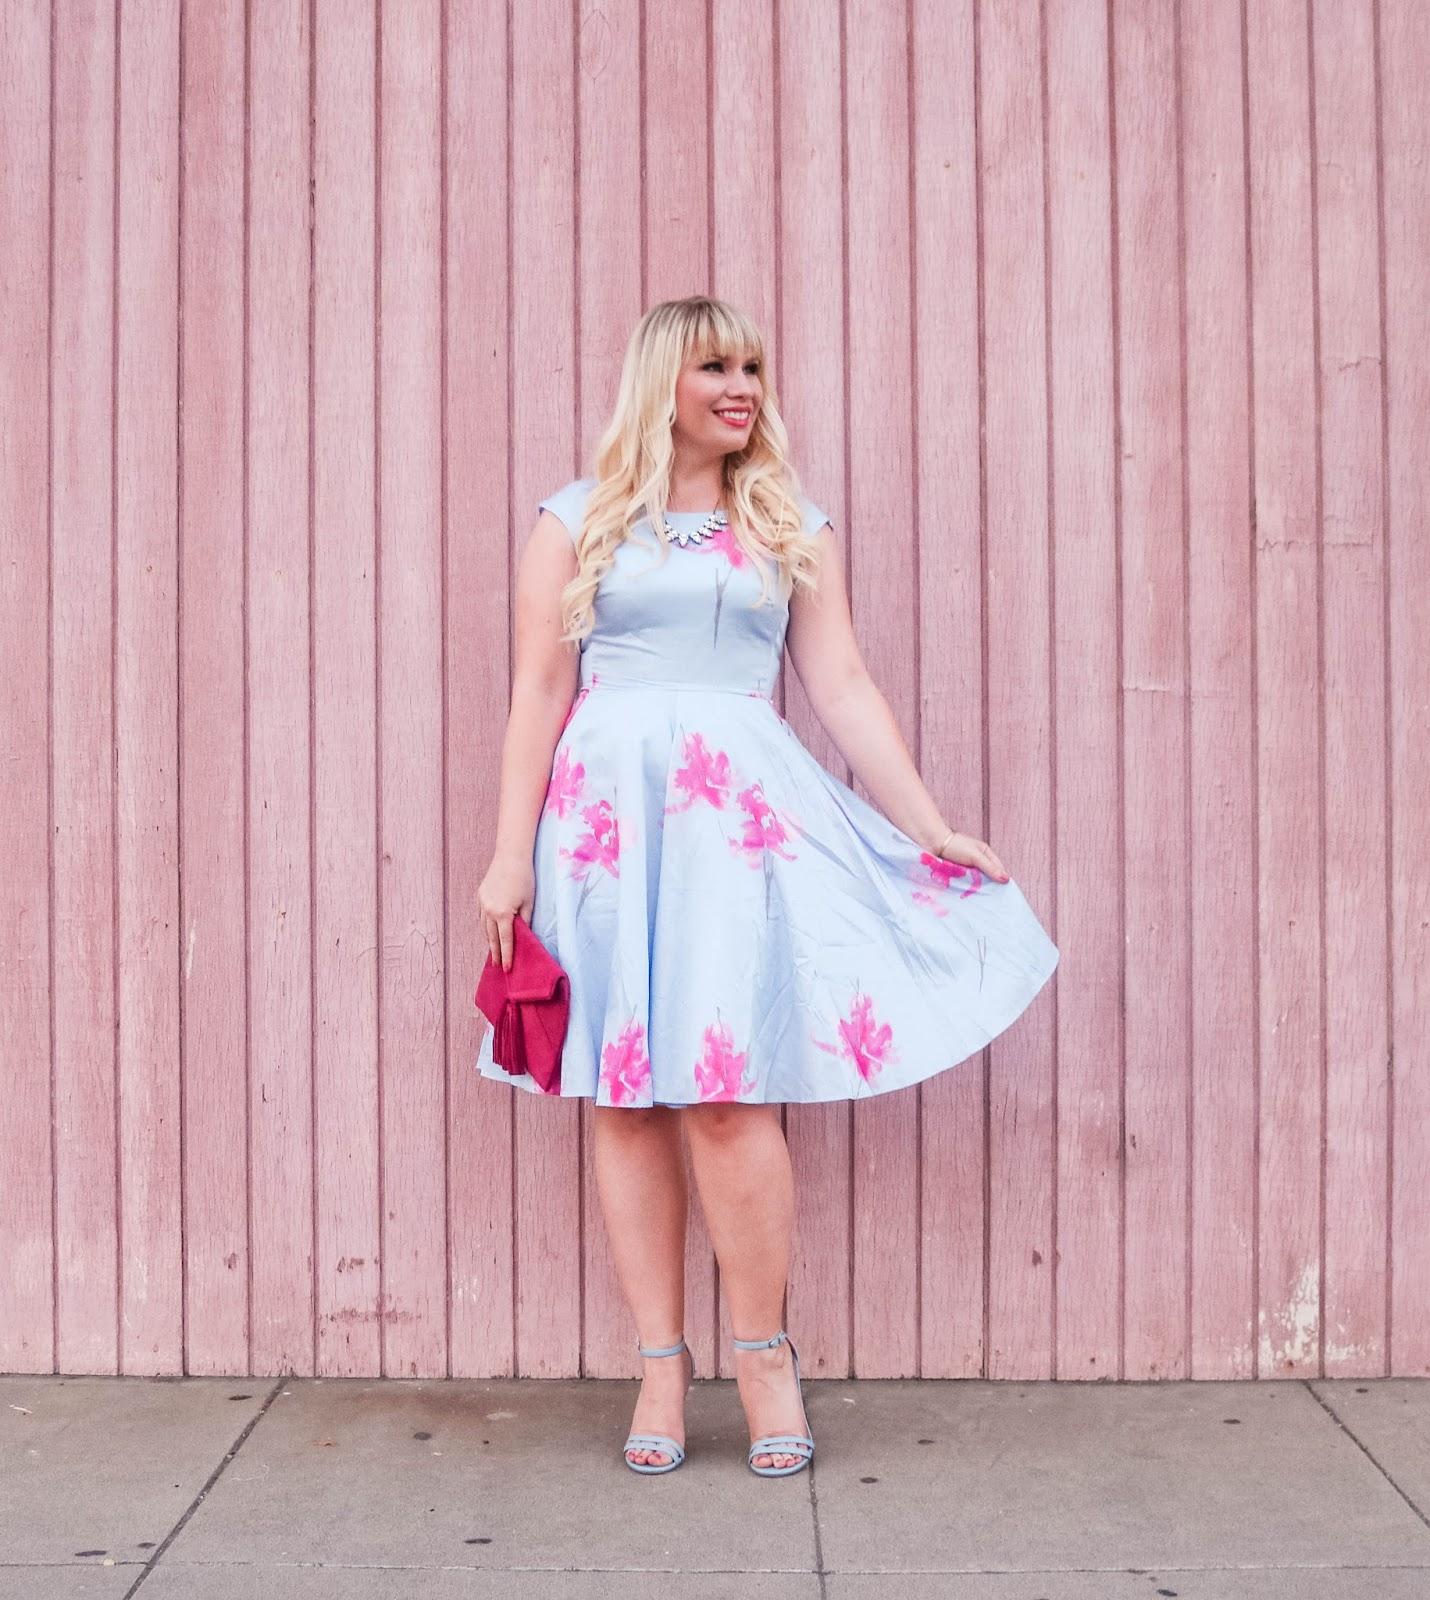 Elizabeth Hugen of Lizzie in Lace wears a light blue floral dress